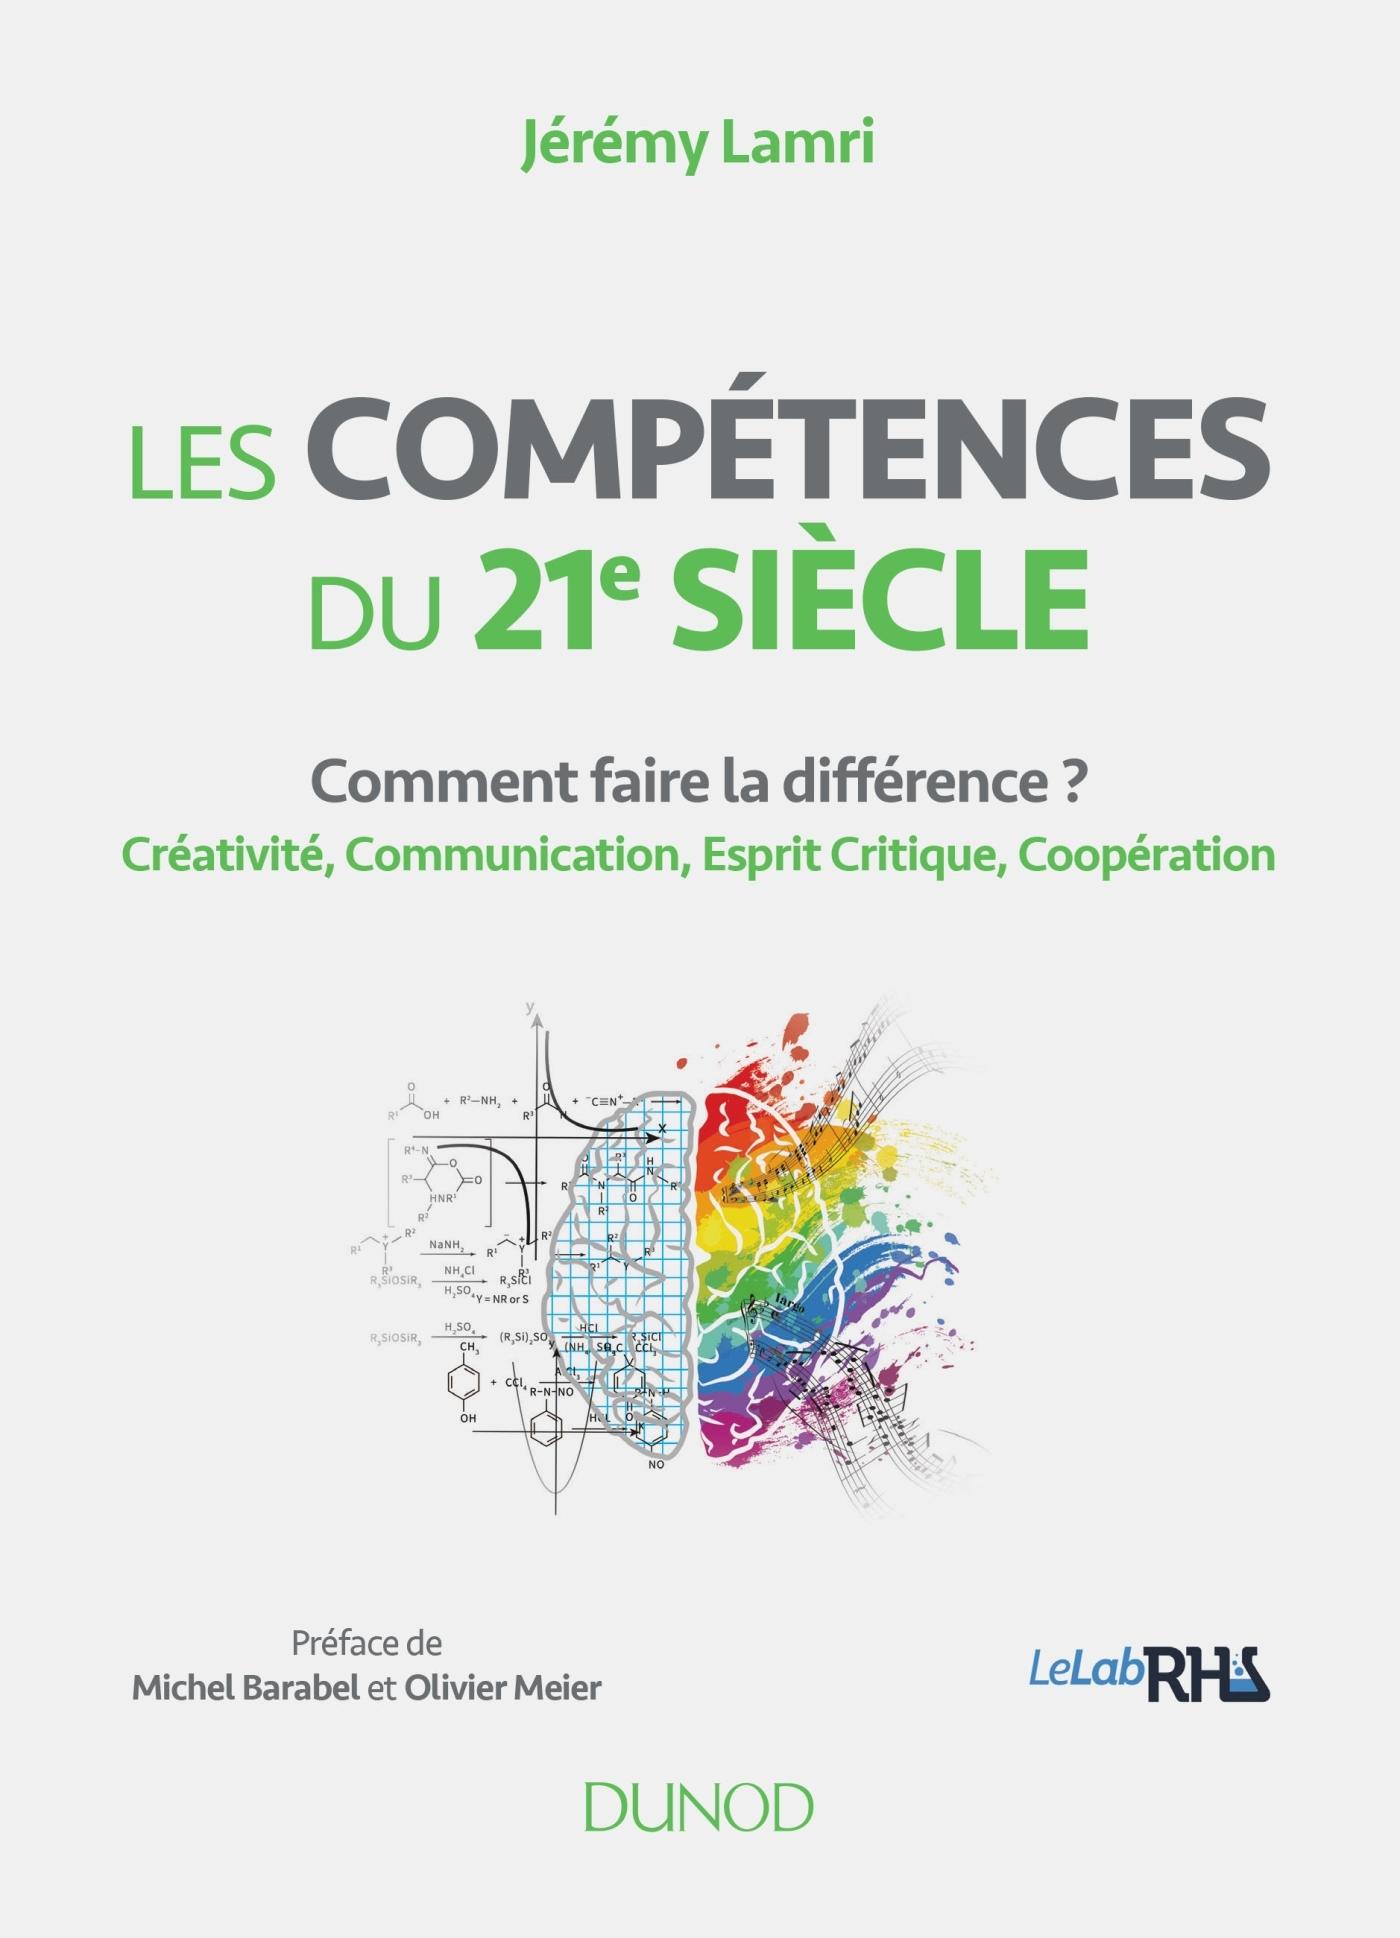 Les compétences du 21e siècle - Comment faire la différence ?